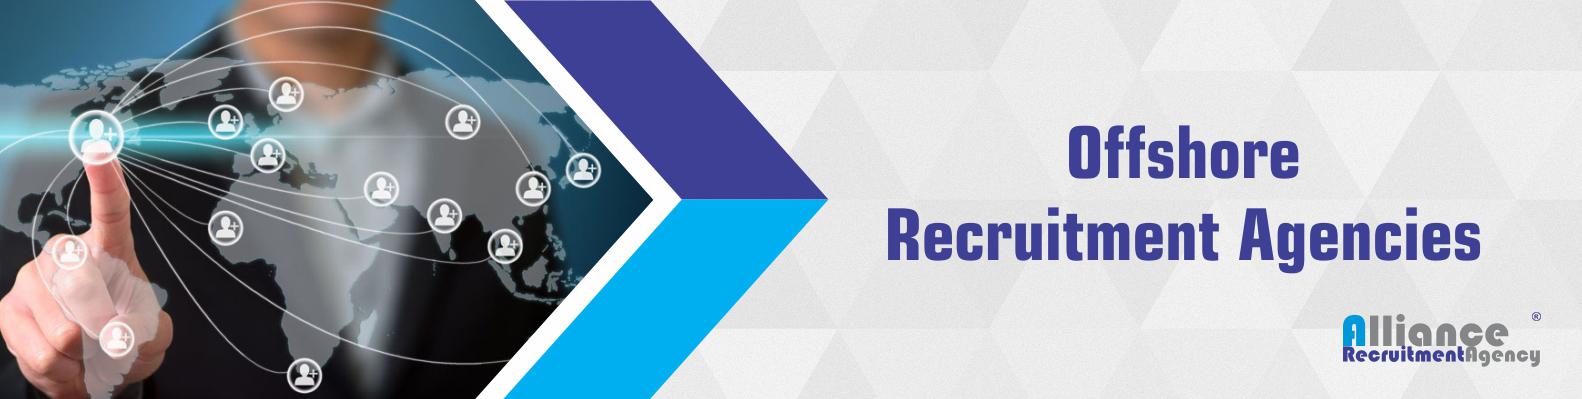 Recruitment Agencies India - Offshore Recruitment Agencies